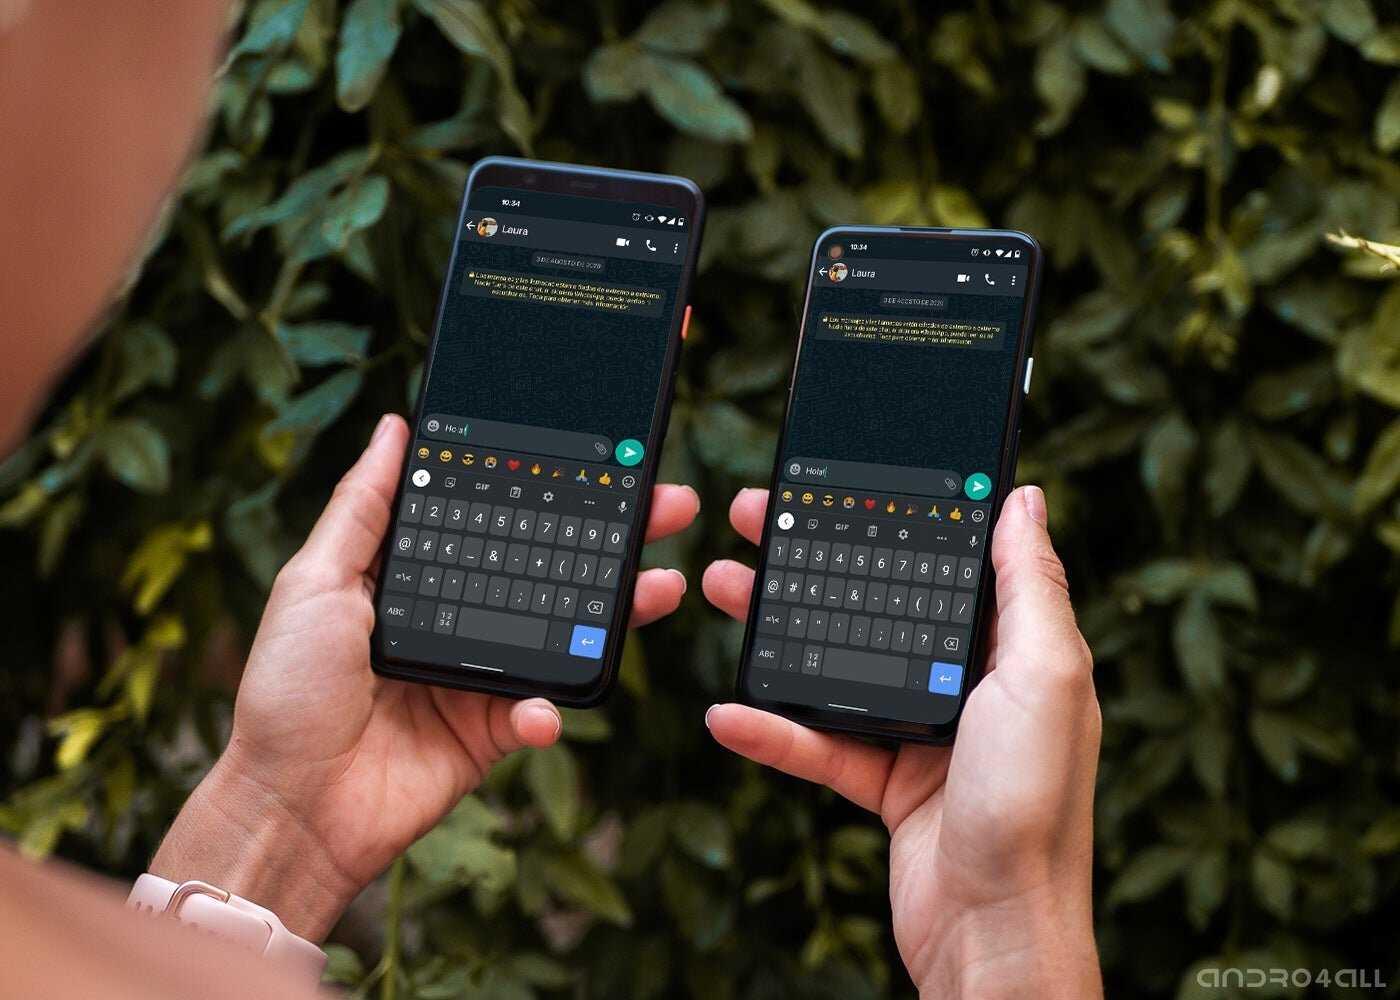 Utilisez le même WhatsApp sur deux téléphones